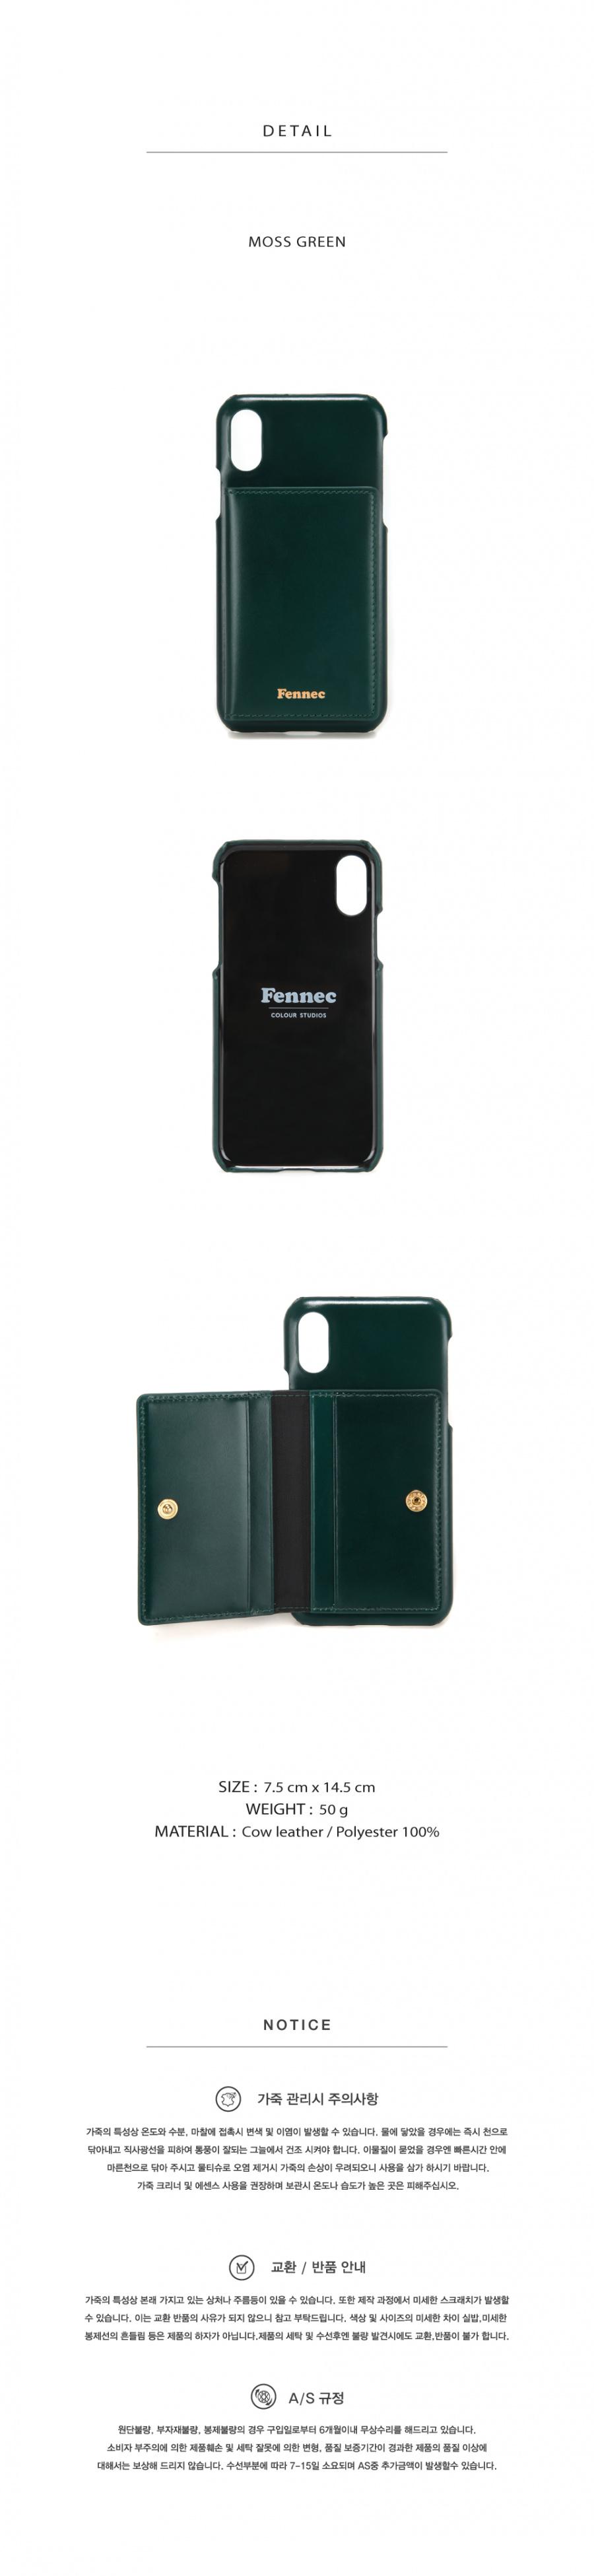 페넥(FENNEC) LEATHER iPHONE XS POCKET CASE - MOSS GREEN